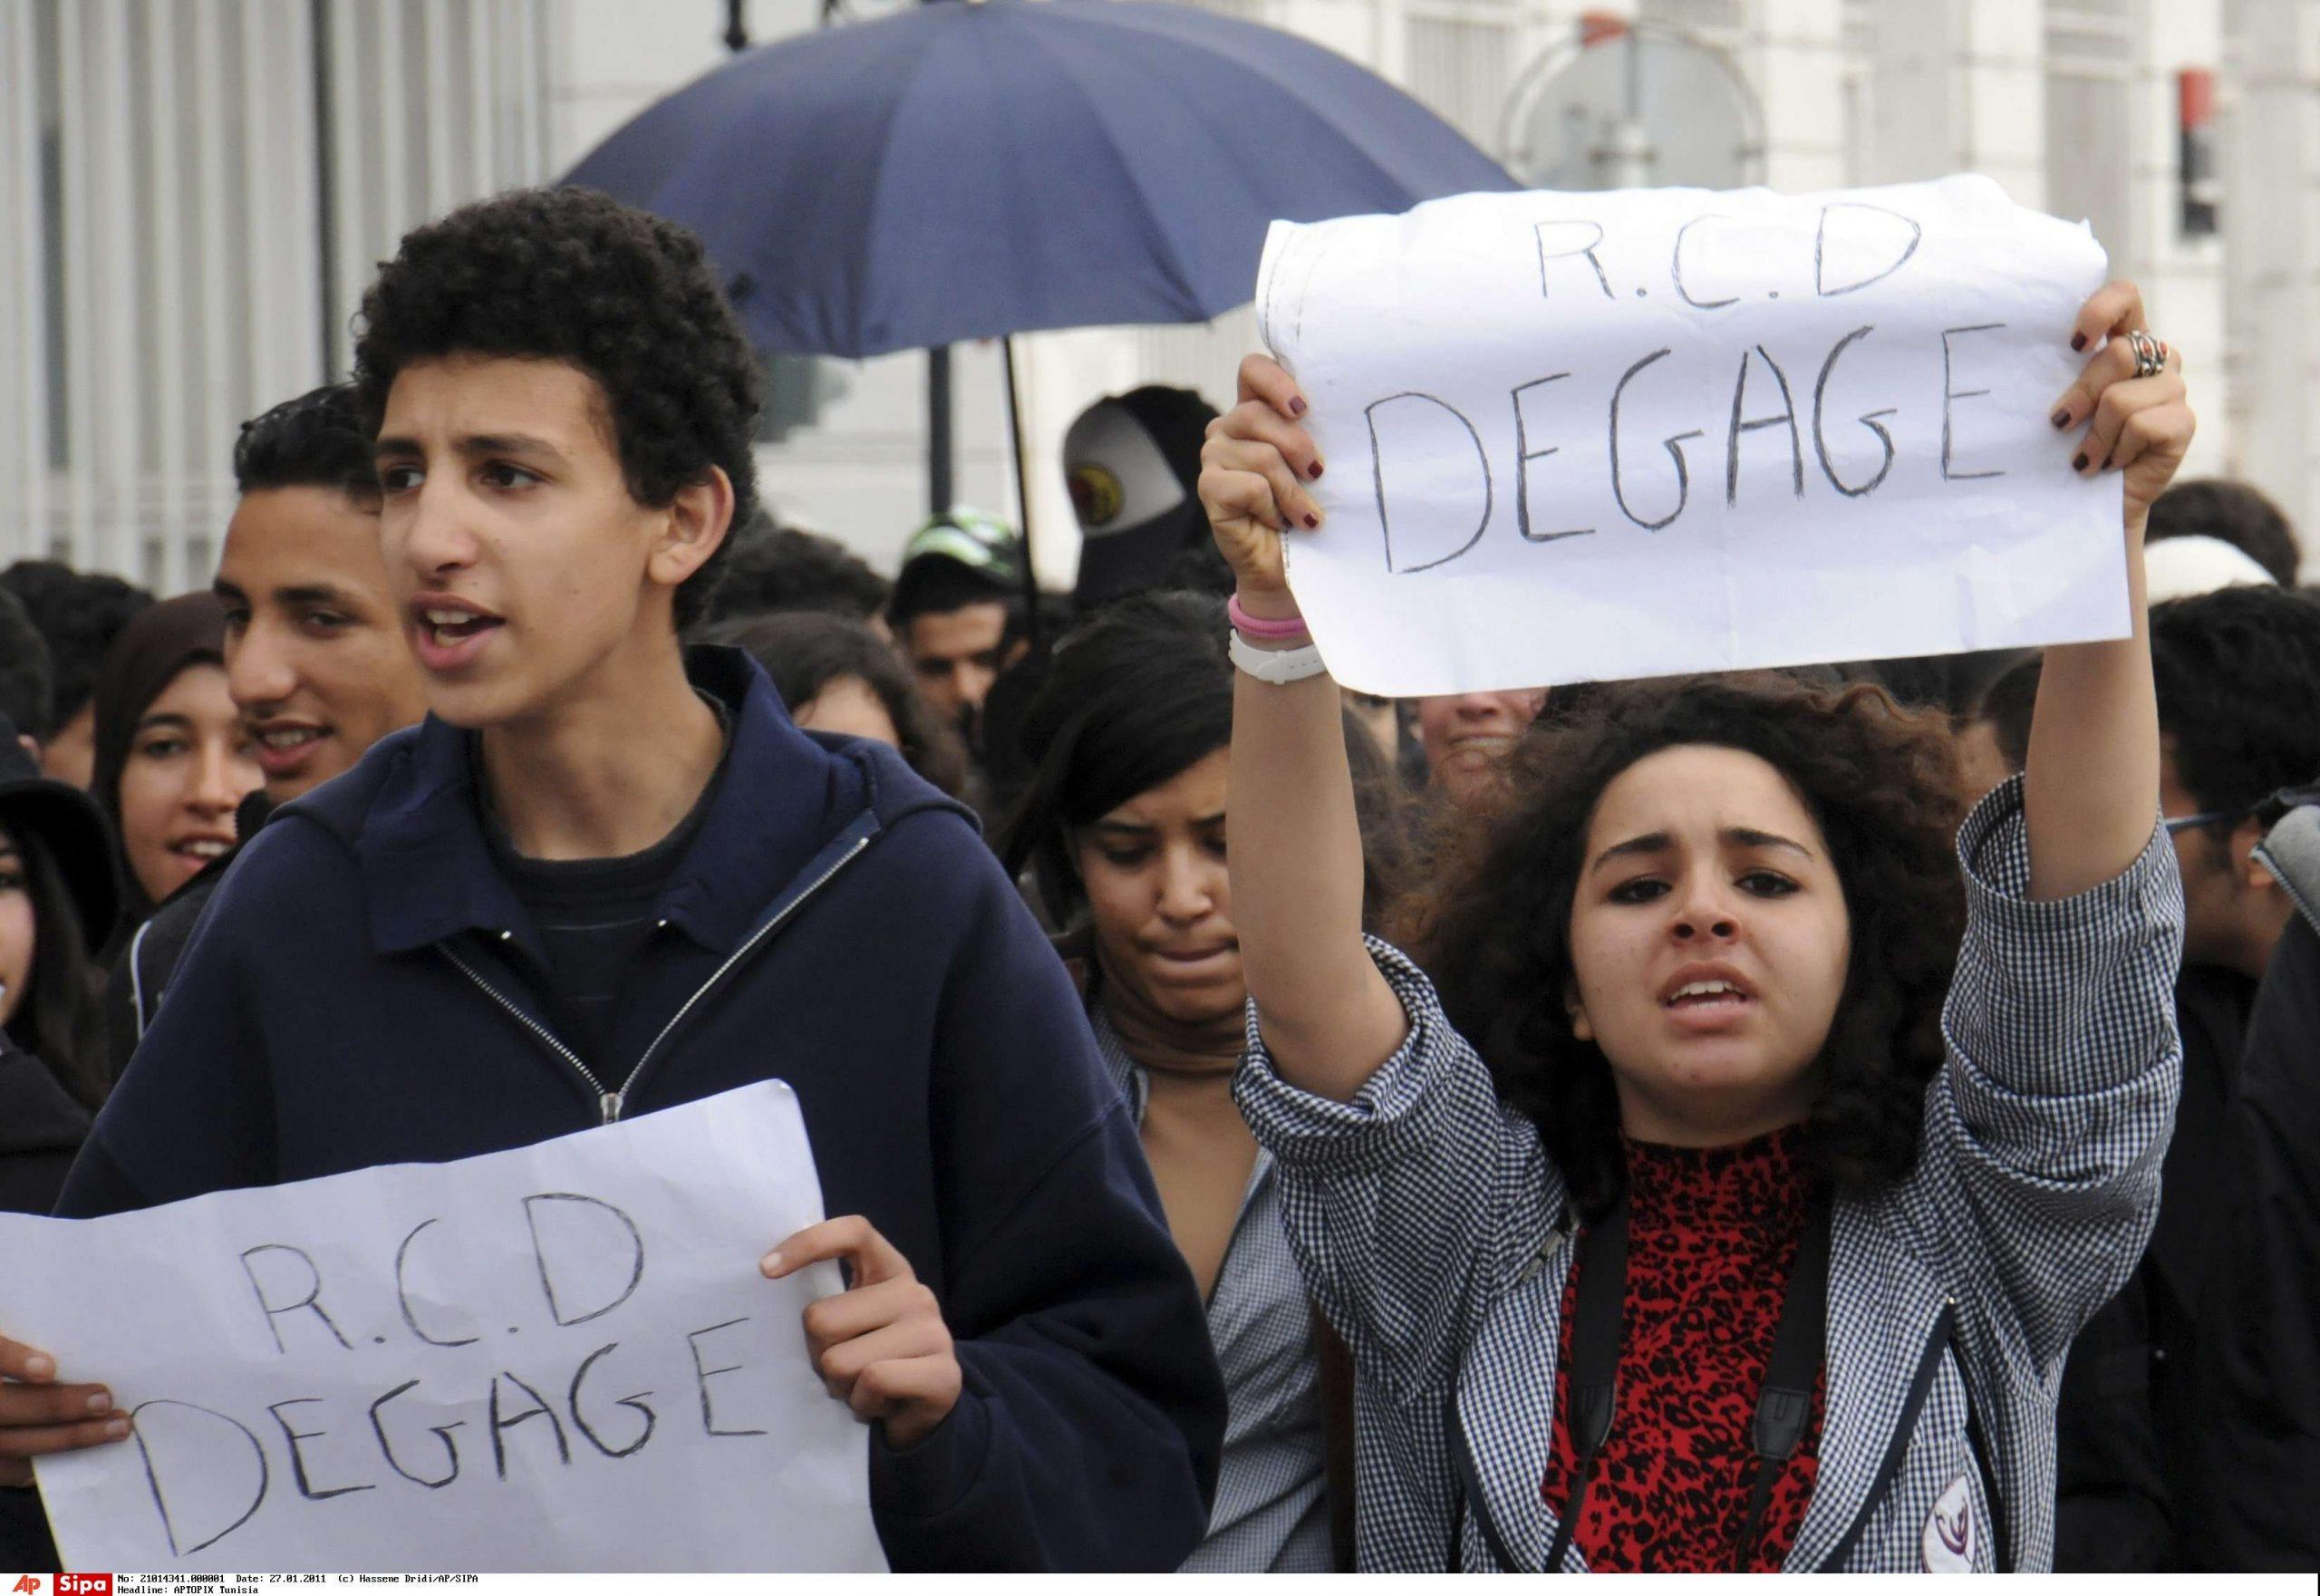 Des étudiants manifestent, certains portant des affiches sur lesquelles on peut lire «RCD [Rassemblement constitutionnel démocratique] dégage», à Tunis, le 27 janvier 2011.